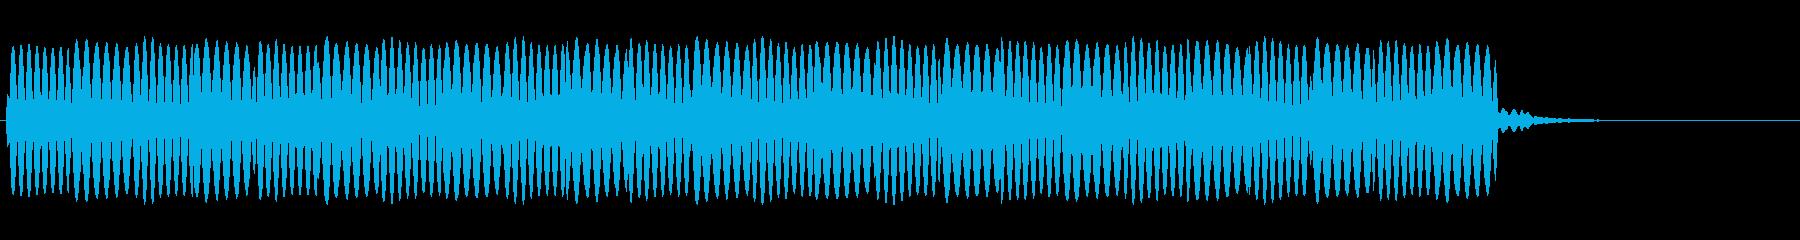 救急車のサイレン(ピーポーピーポー)の再生済みの波形